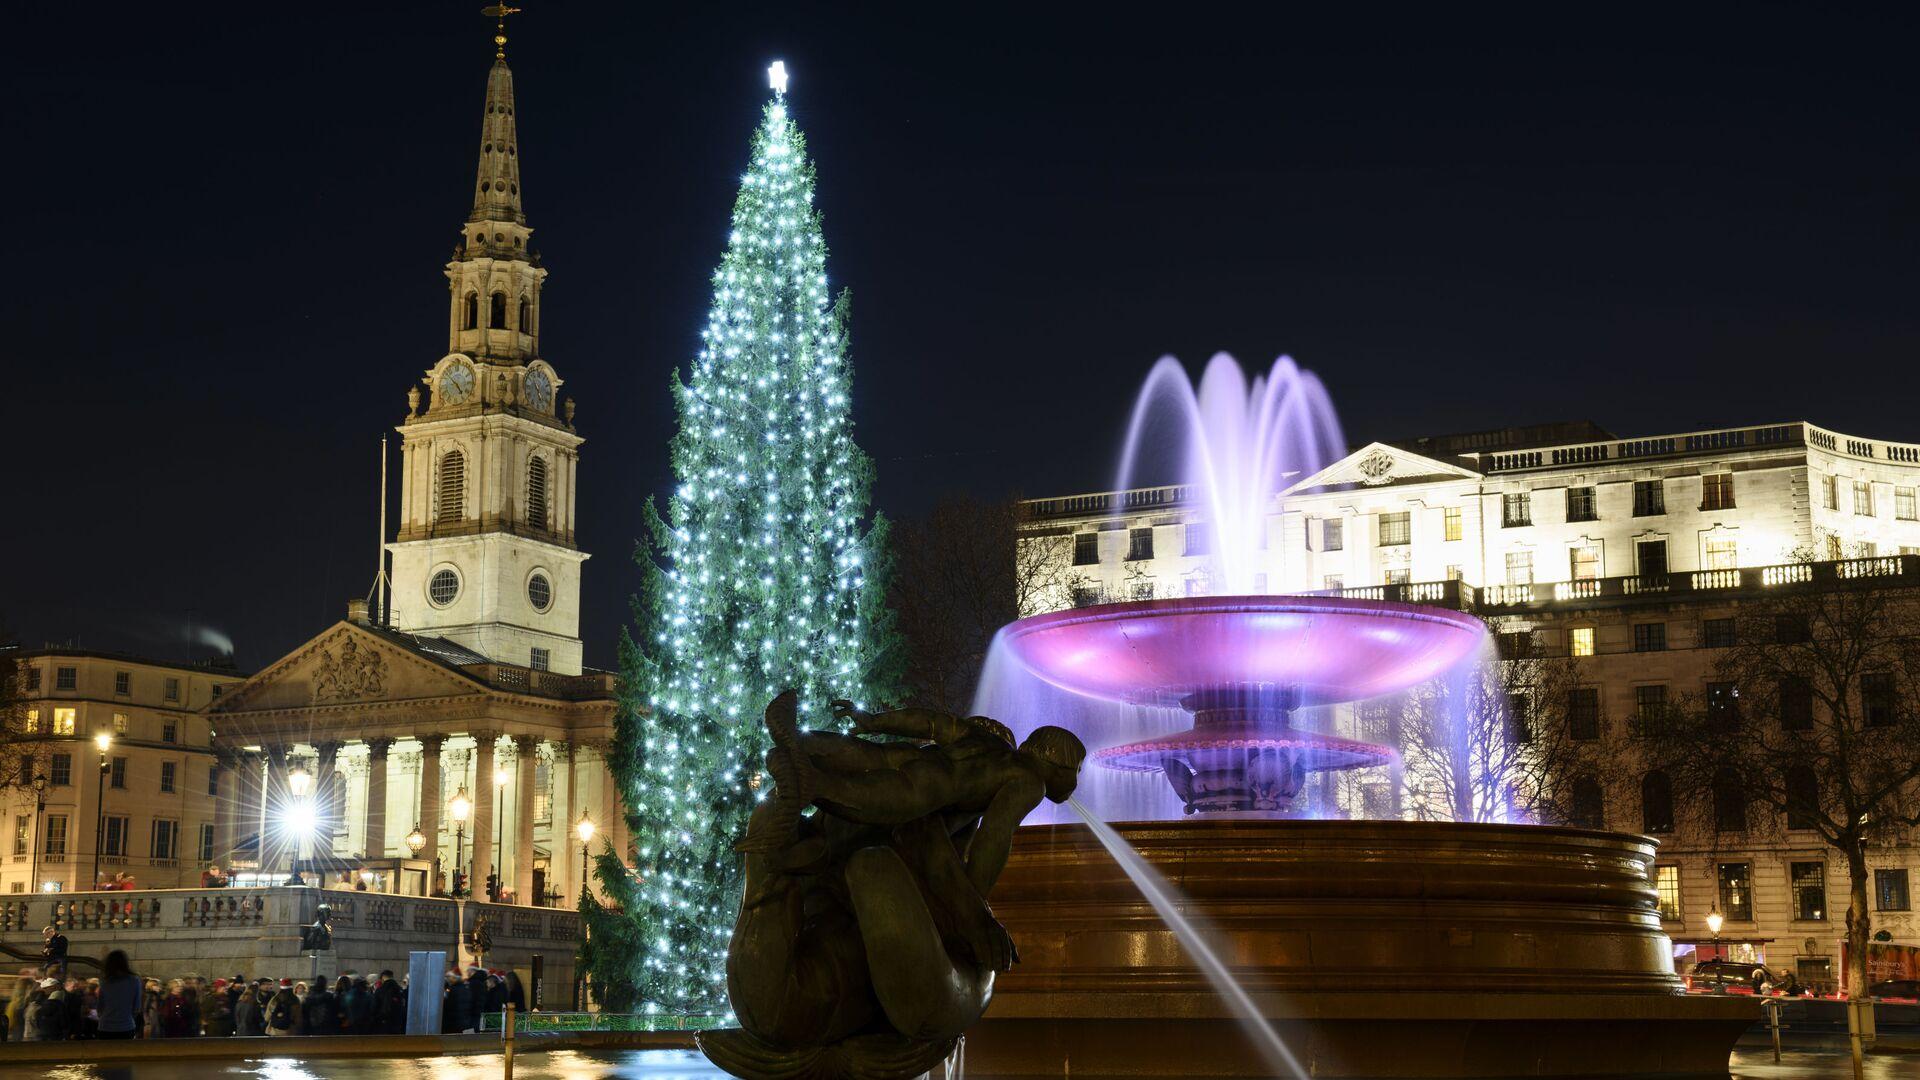 Vánoční strom na Trafalgarském náměstí v Londýně - Sputnik Česká republika, 1920, 20.09.2021